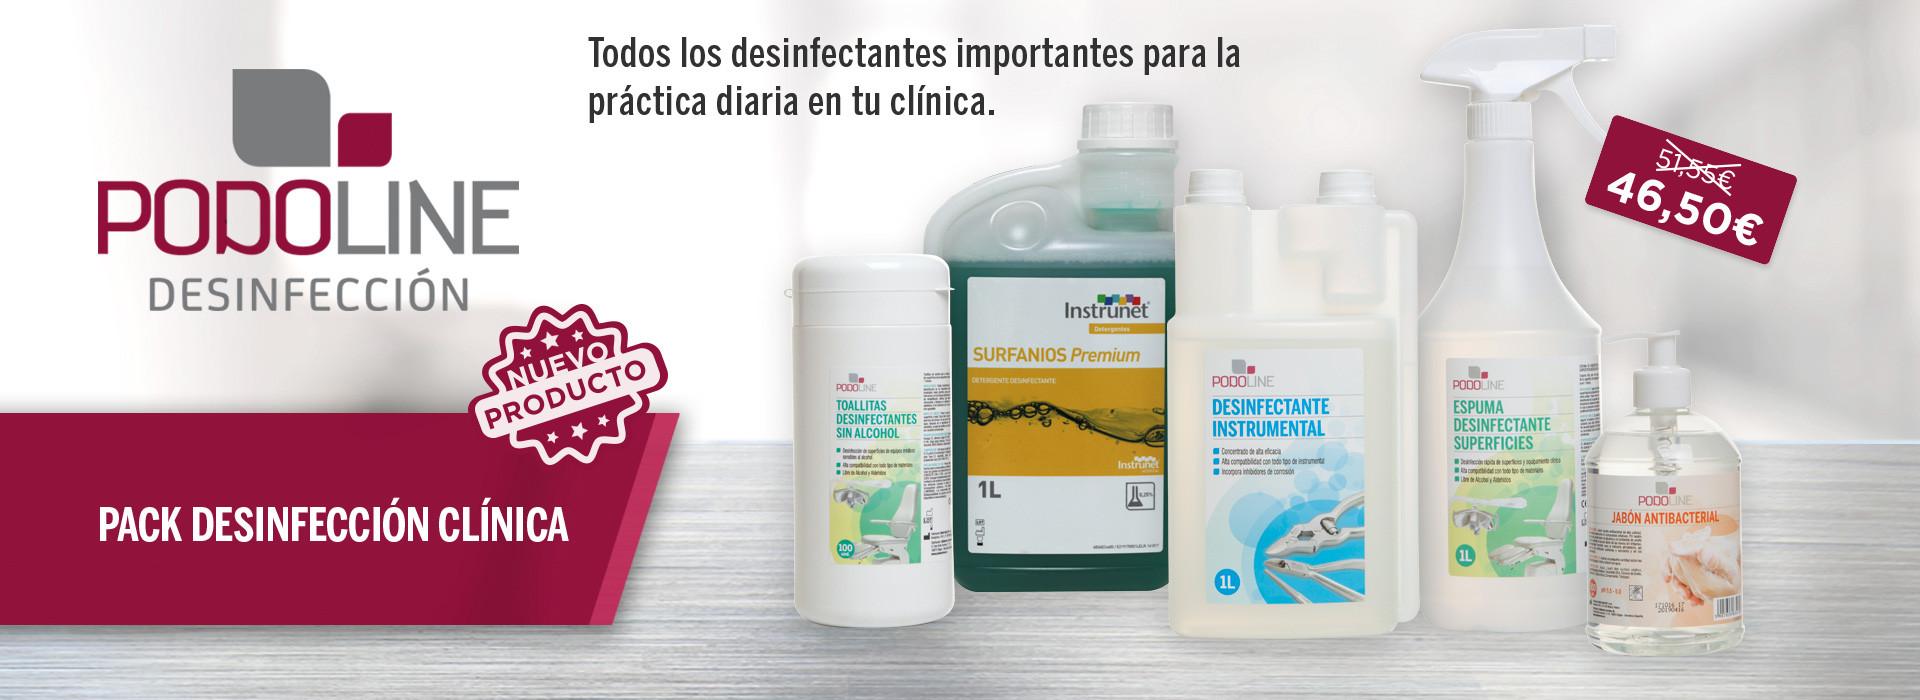 Pack desinfección clínica